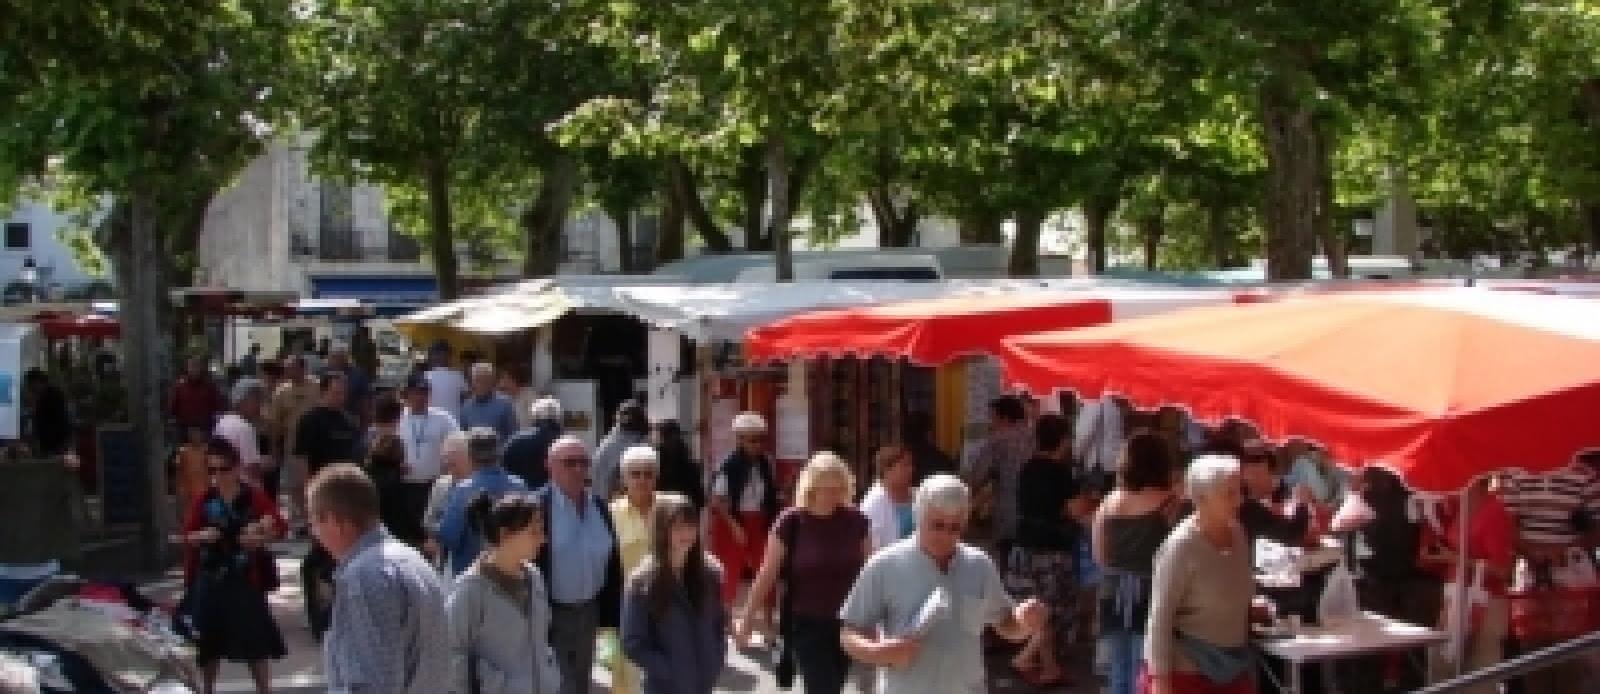 Ptit-Montmartre